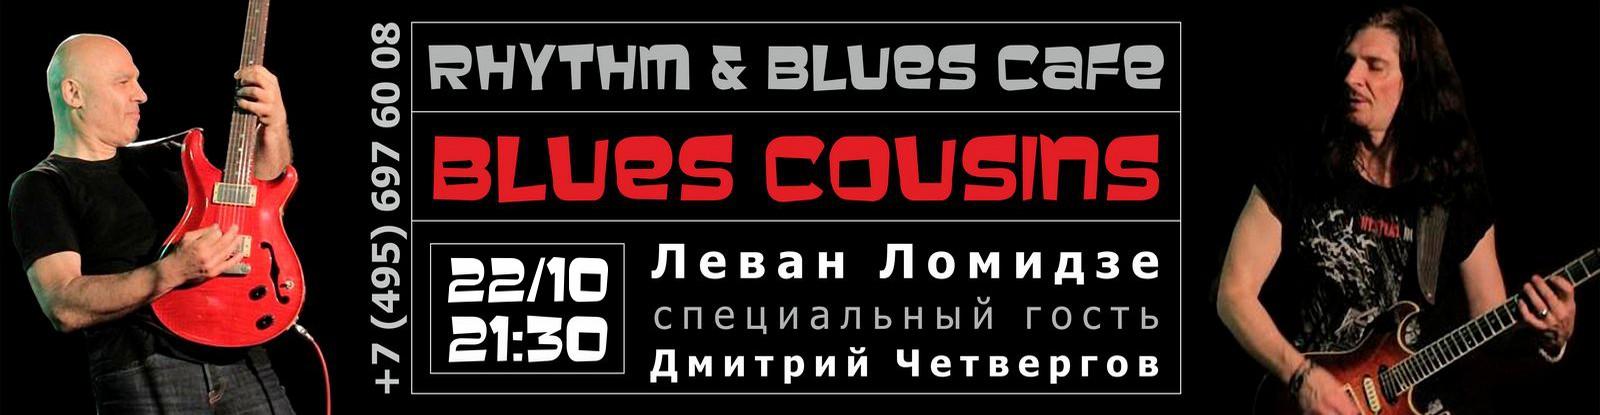 гитаристы Дмитрий Четвергов и Леван Ломидзе